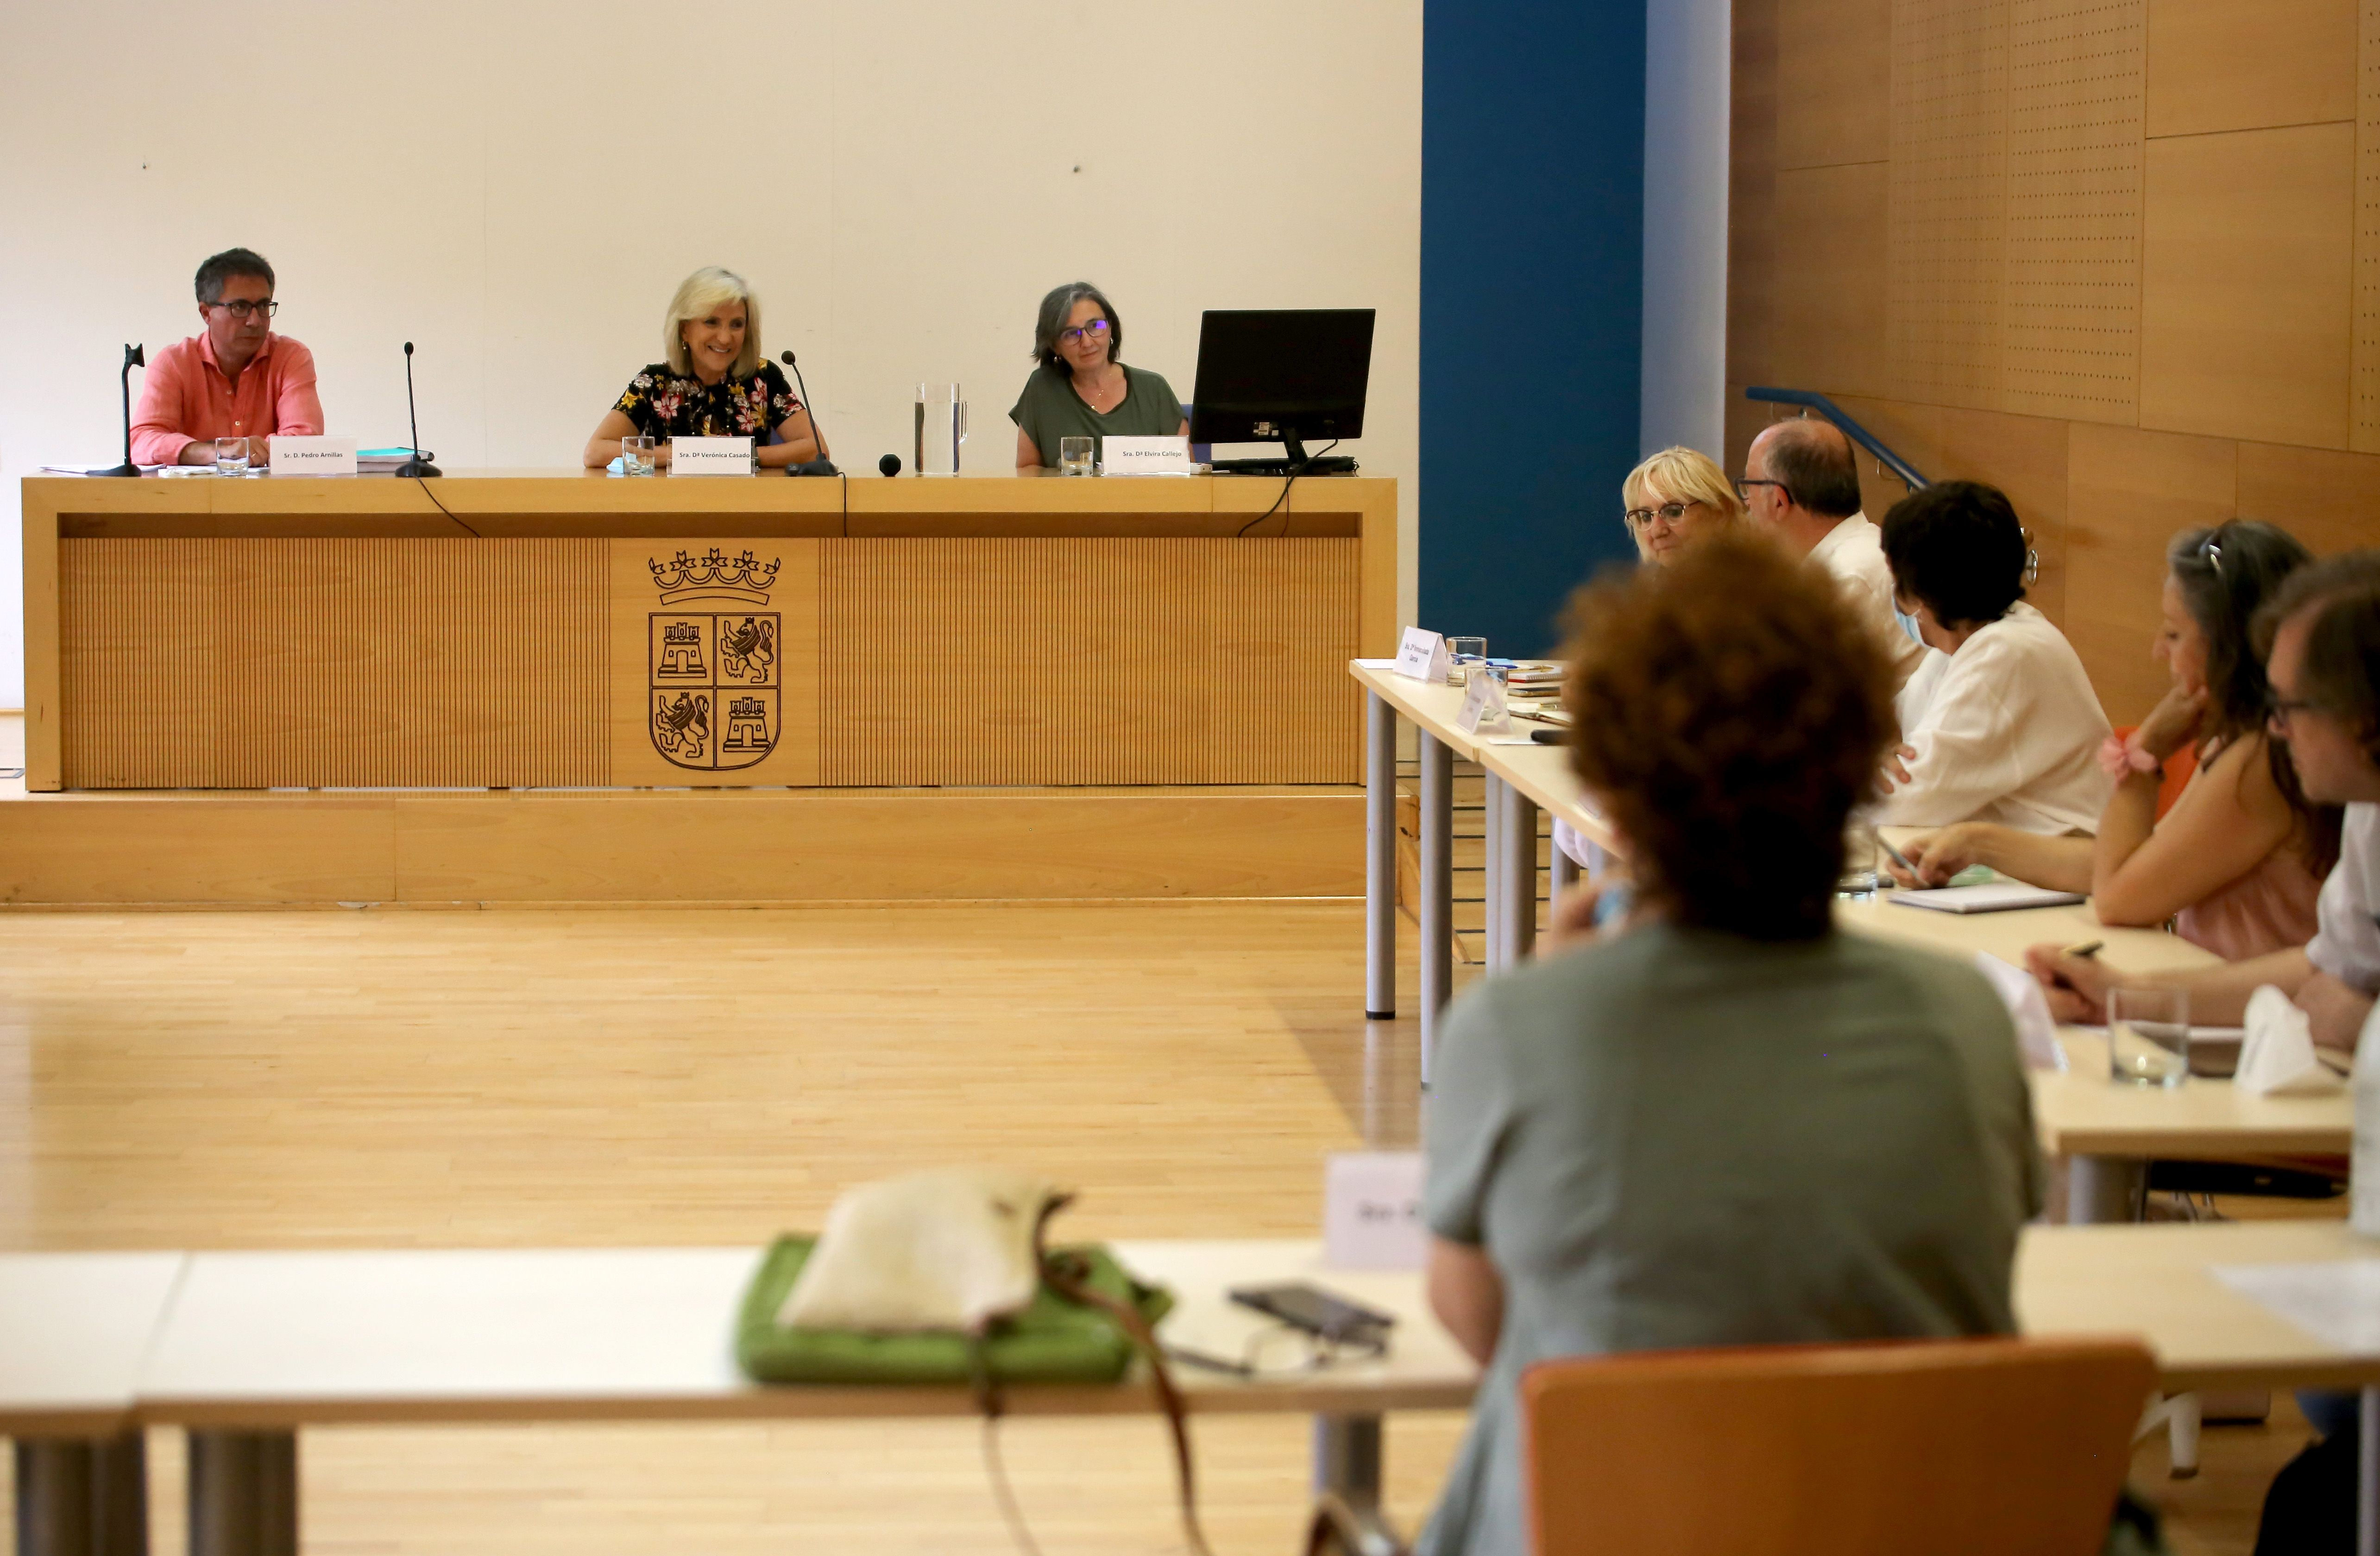 La consejera Verónica Casado preside la reunión del grupo de trabajo para la reforma sanitaria